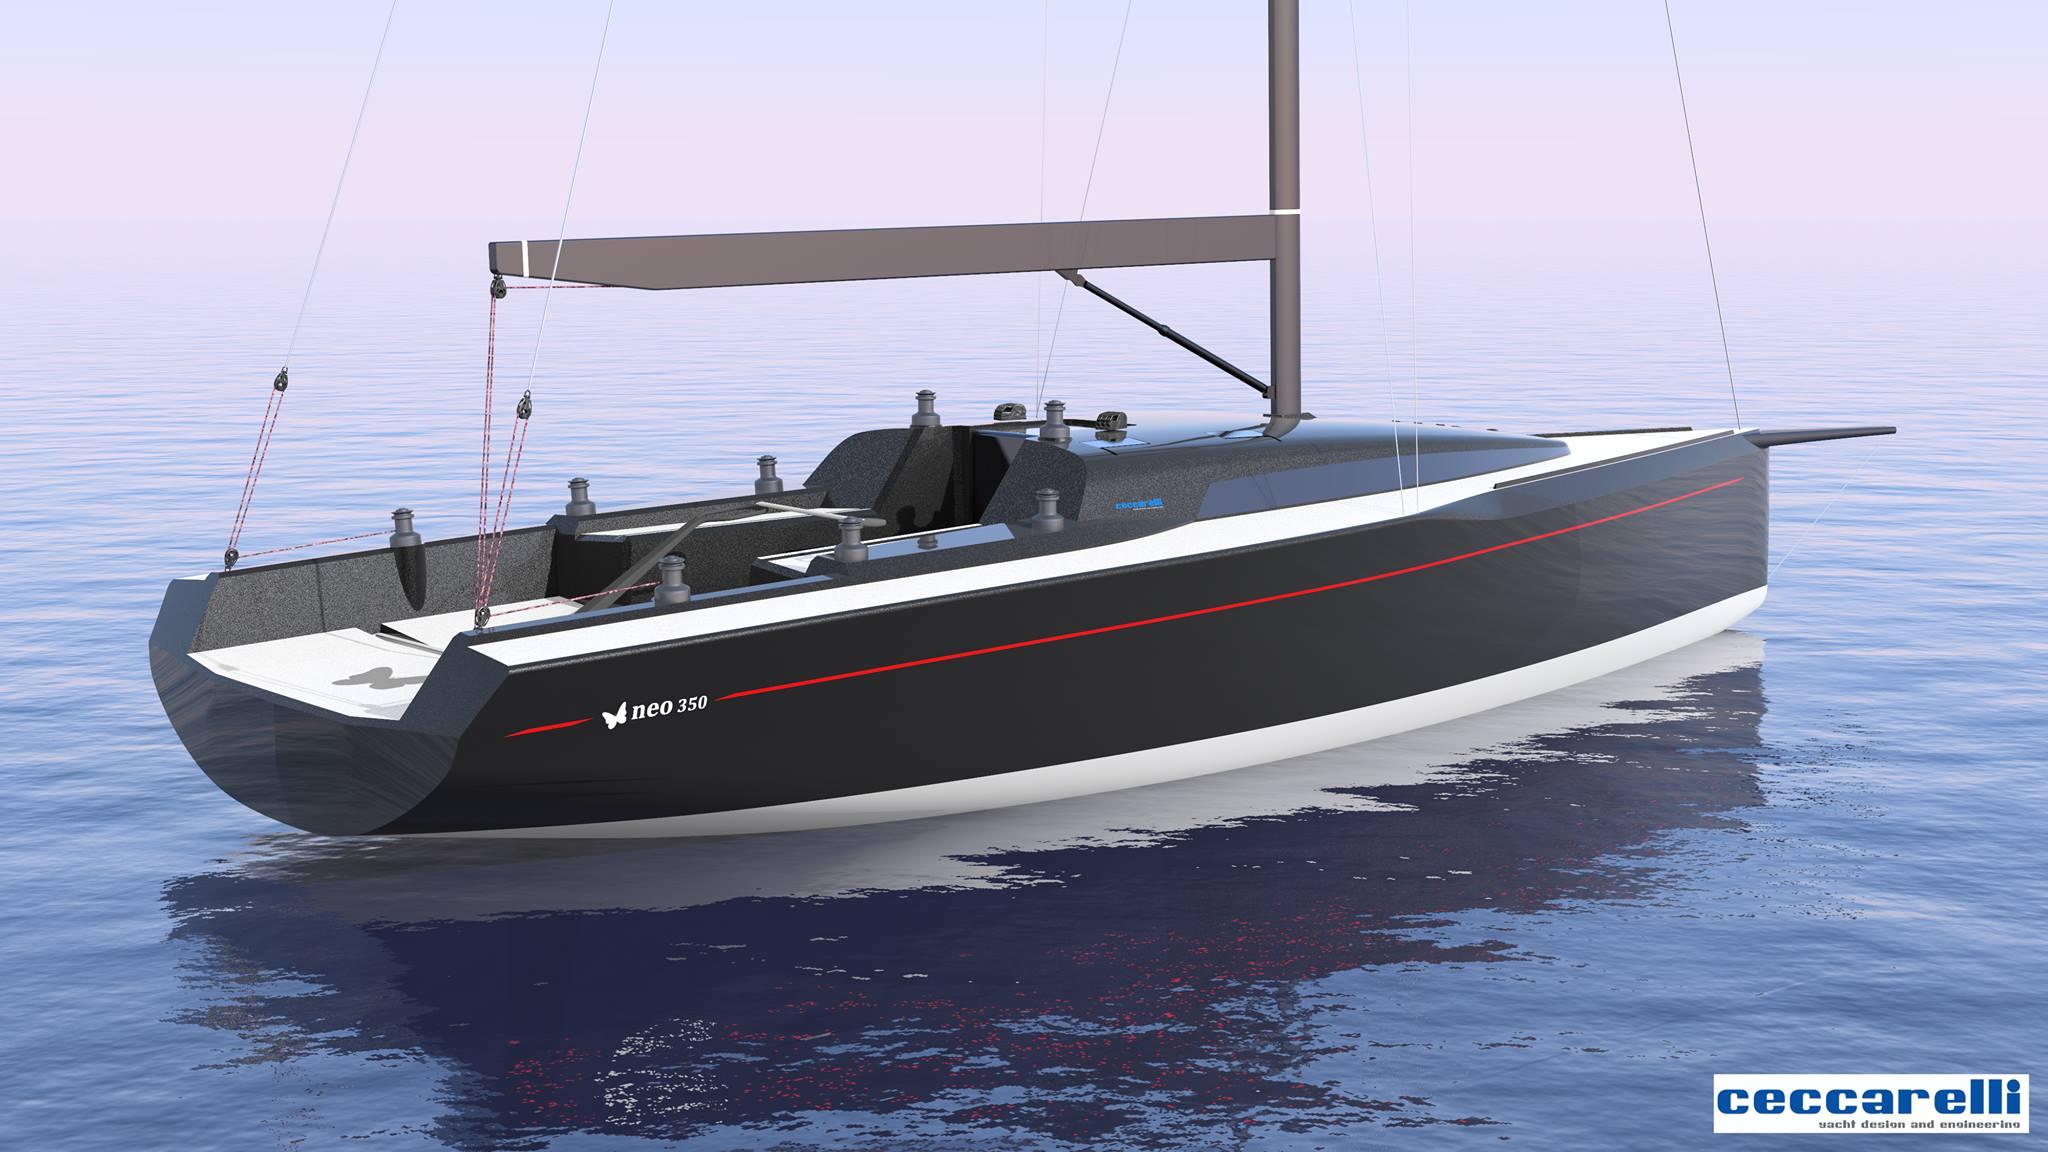 neo yachts neo 350 01